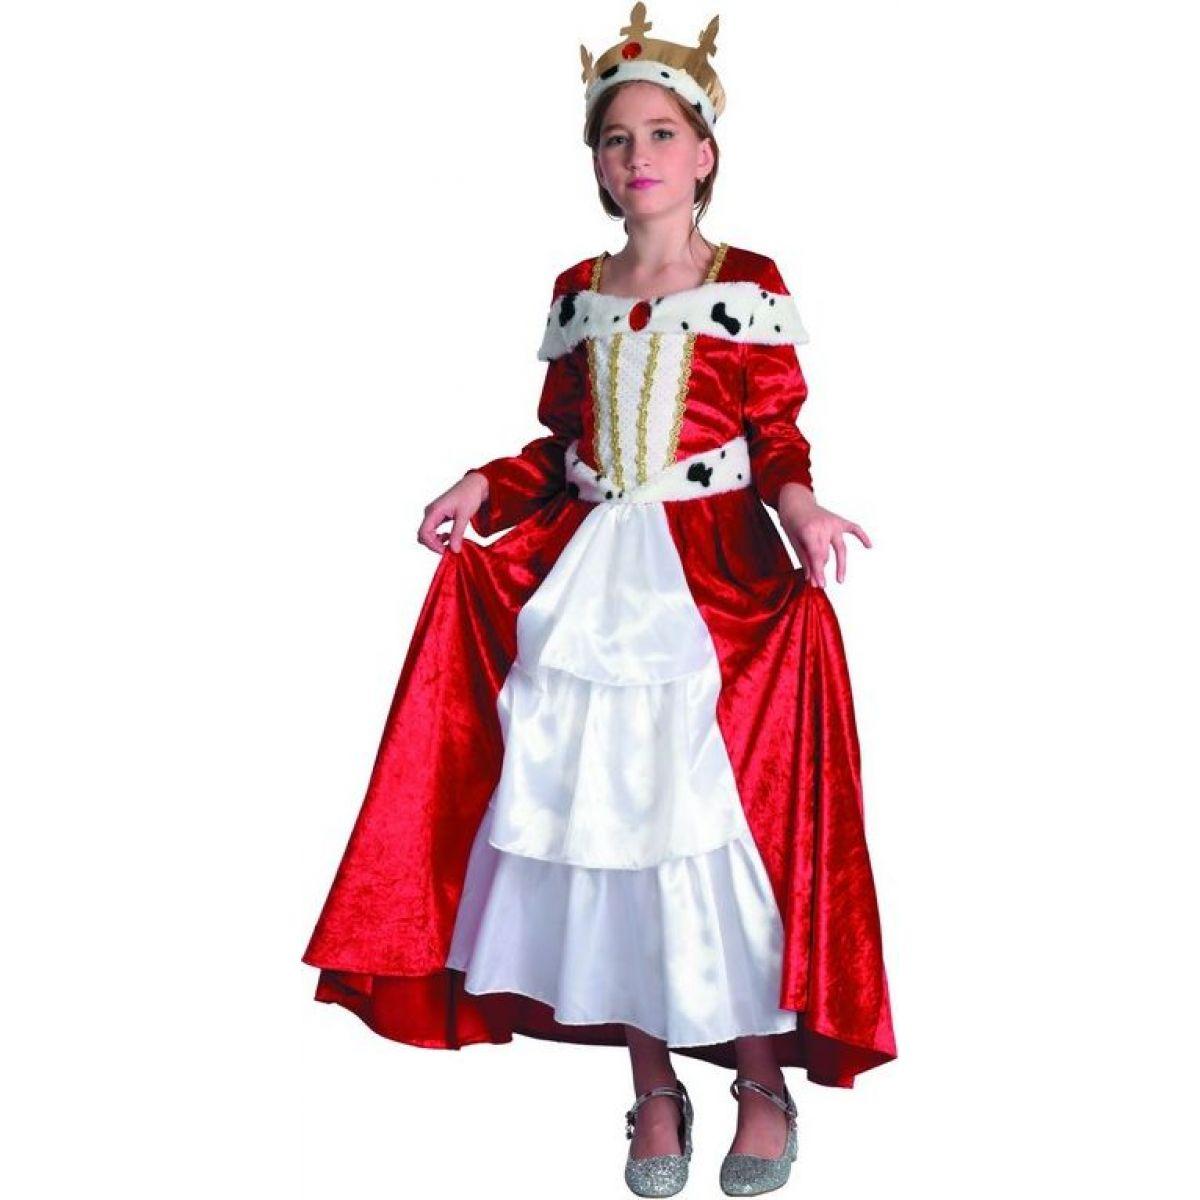 Dětský karnevalový kostým Královna 130-140 cm